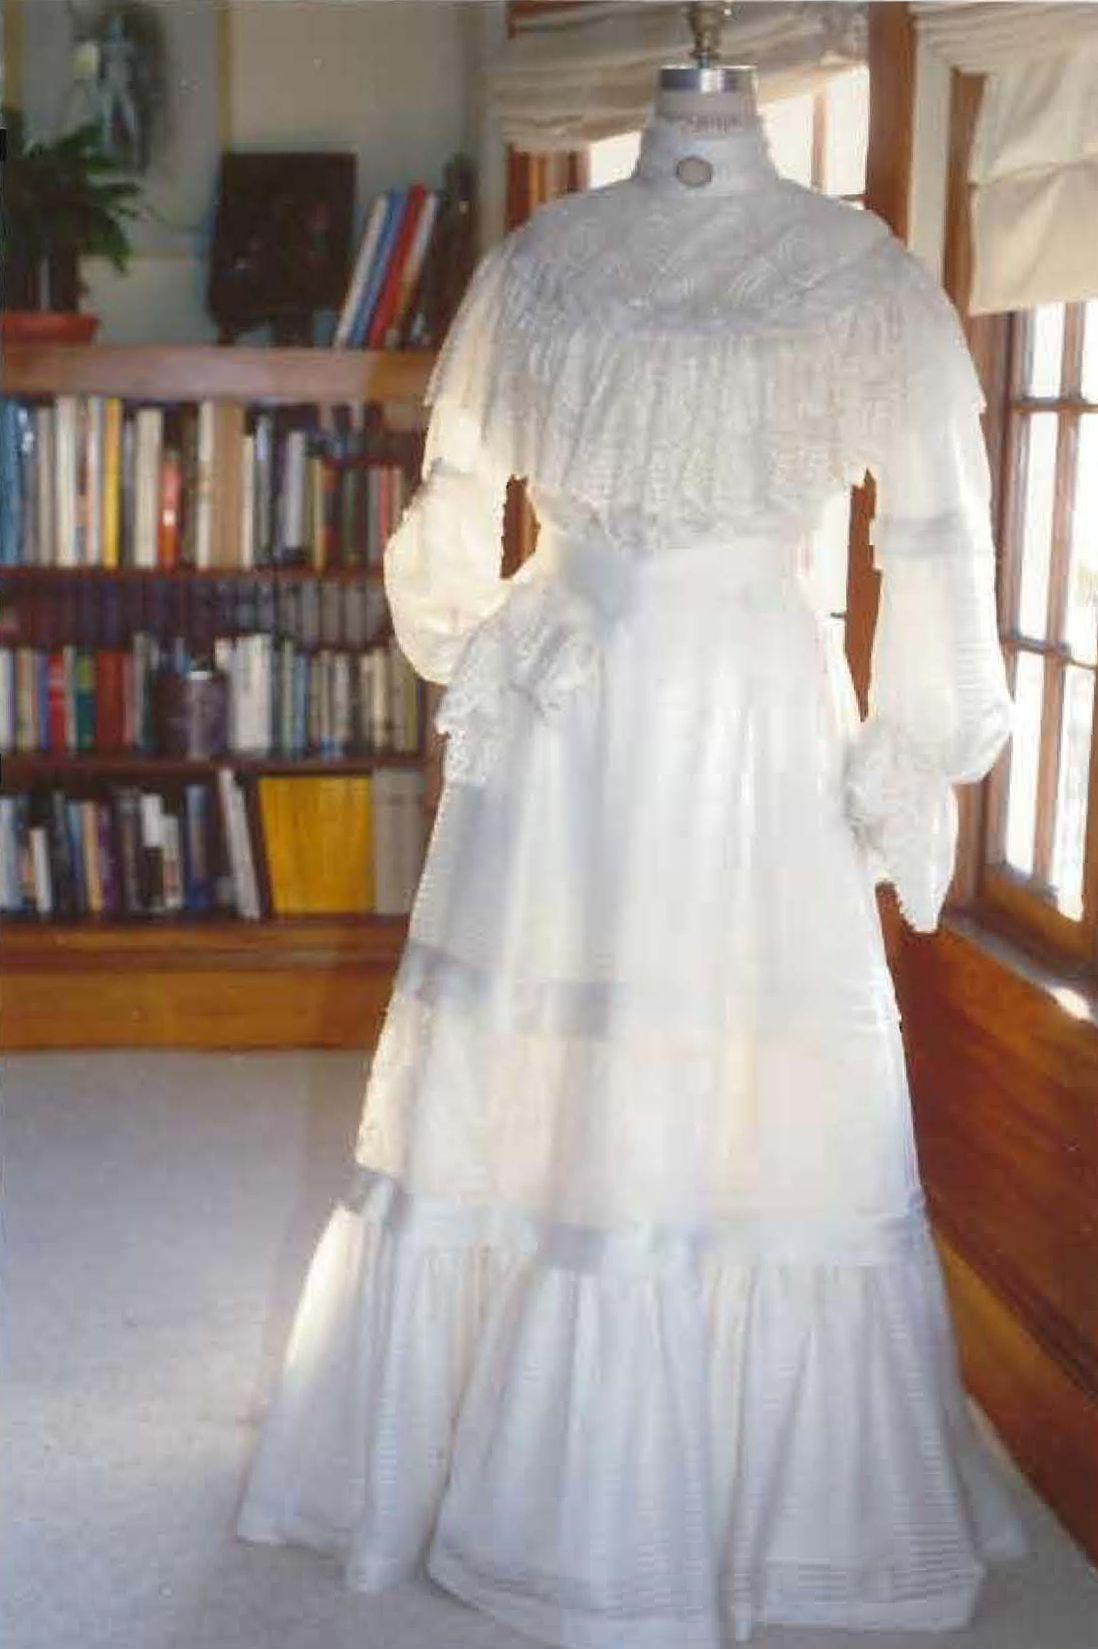 Dress: Angela Ghirardelli